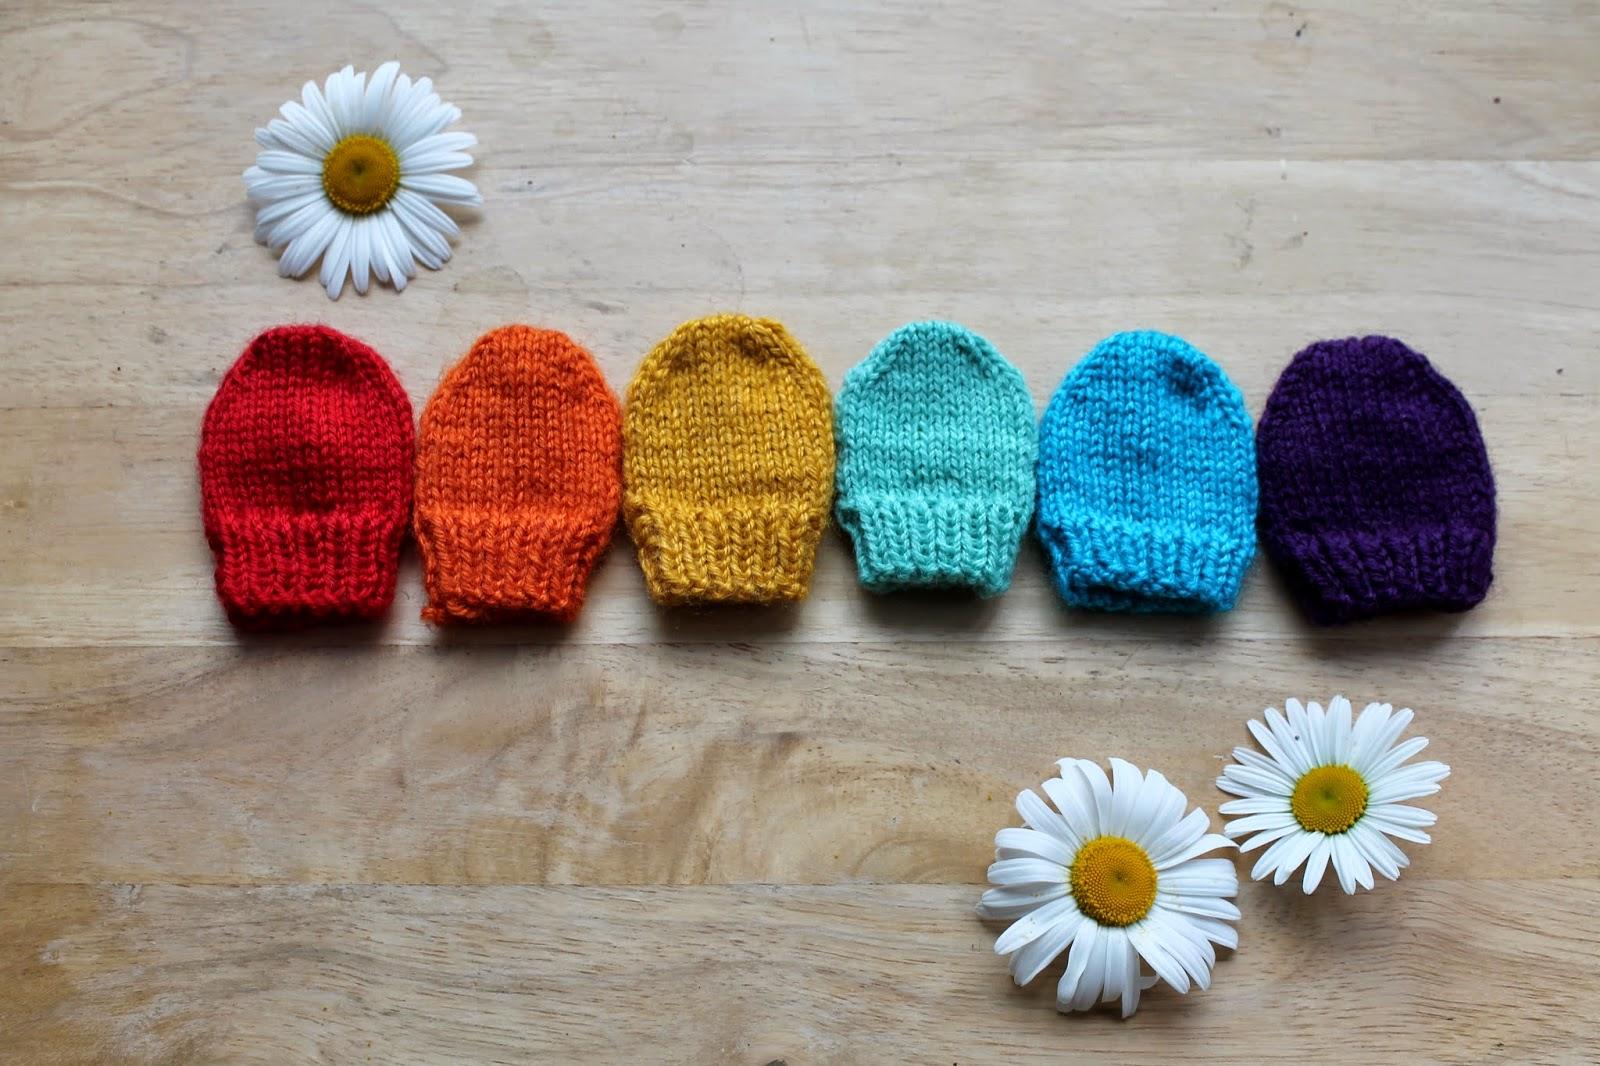 Vous pouvez aussi rejoindre l initiative en tricotant, cousant, fabricant  des créations hand made, pour les bébés nés trop tôt. Retrouvez tous les  détails ... e2e627997f0